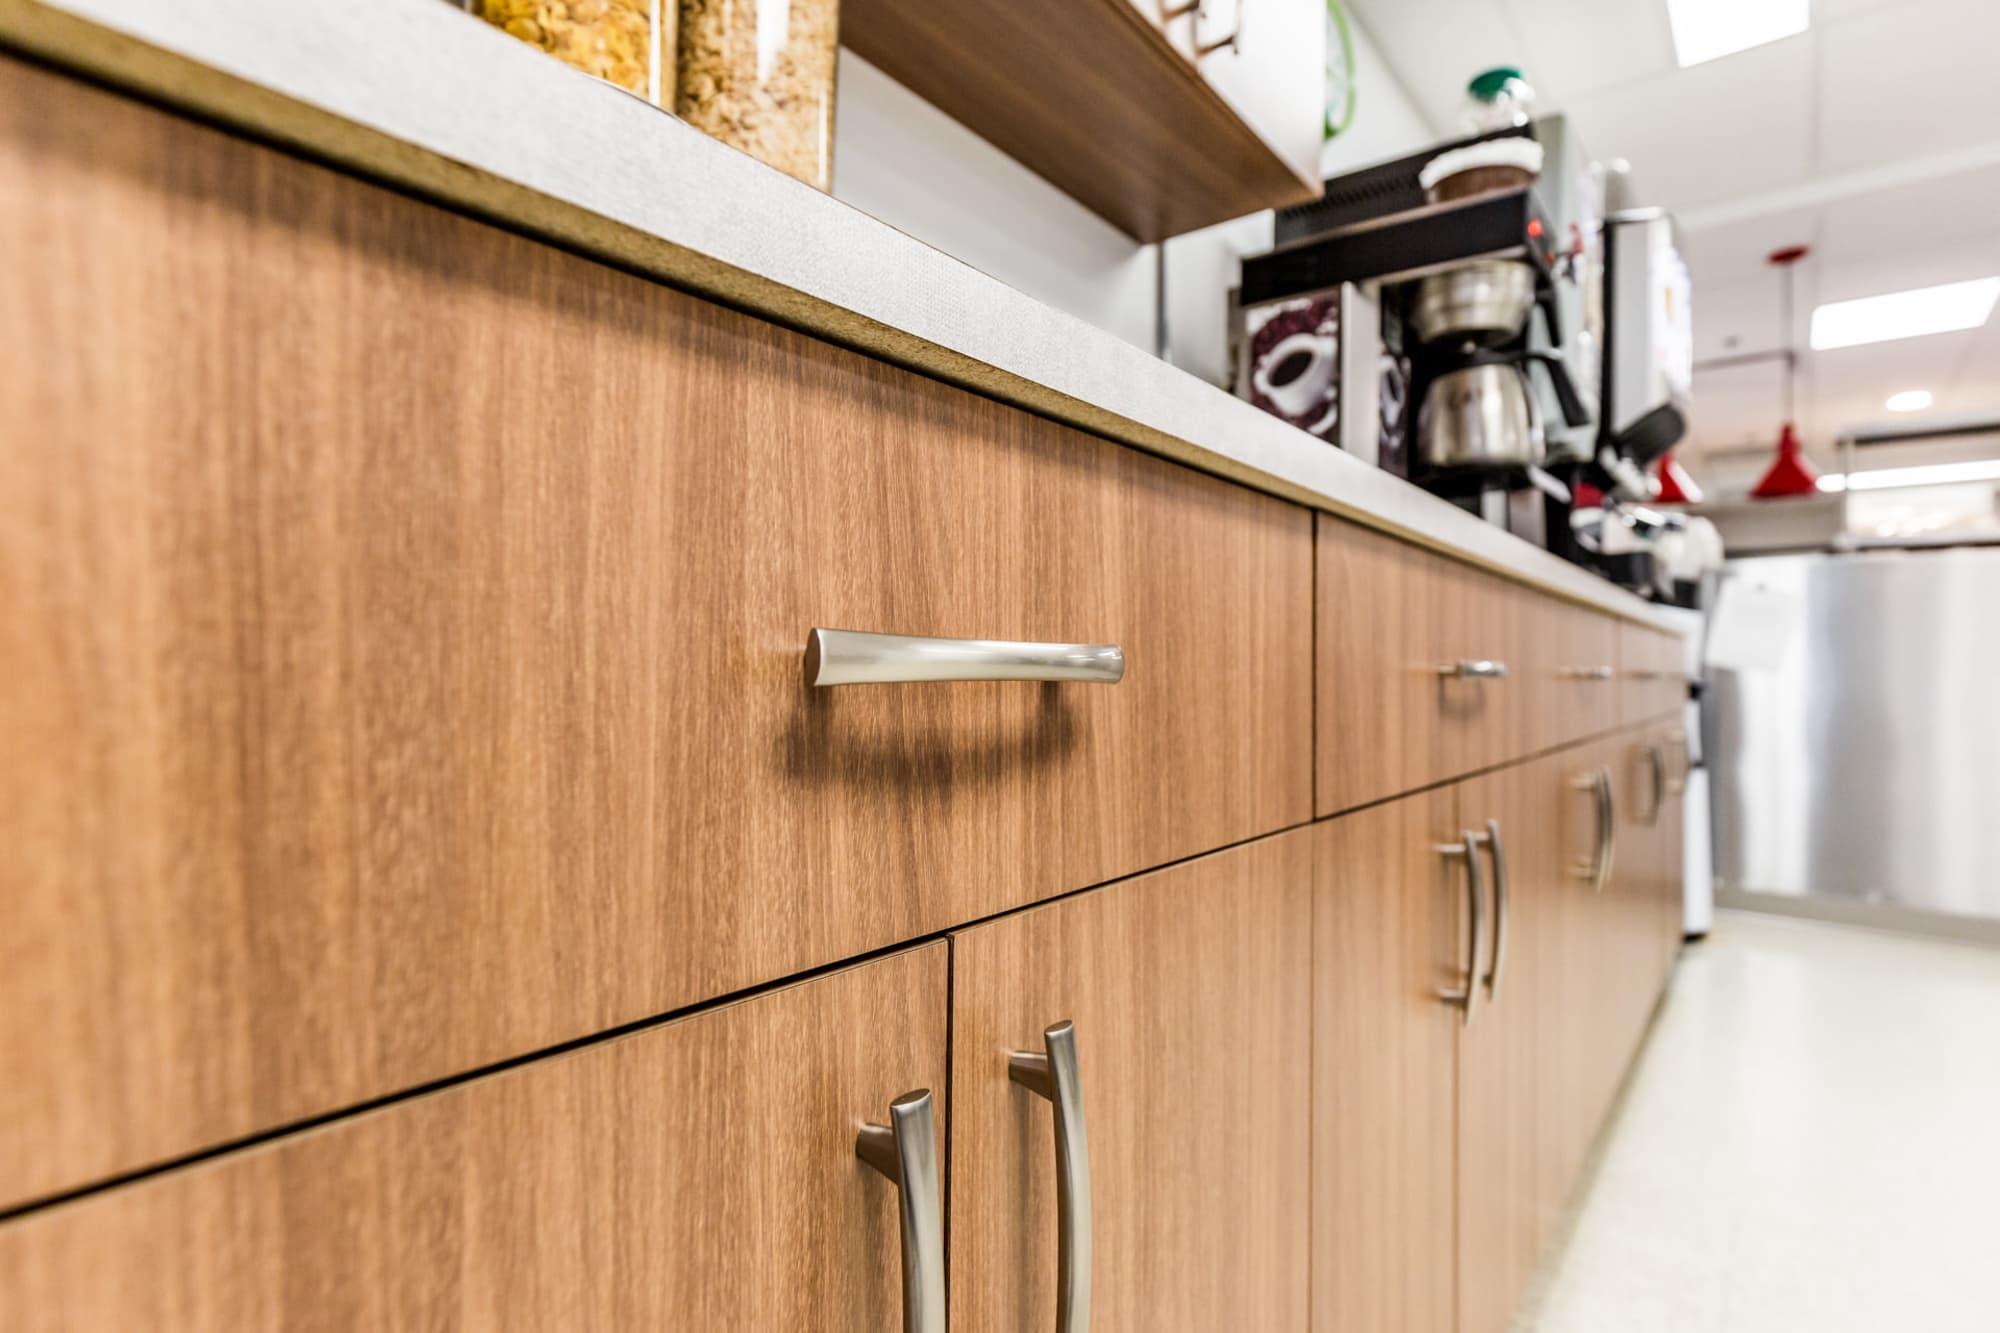 rénovation cuisine commerciale avec armoires en bois brun pâle et poignées argent